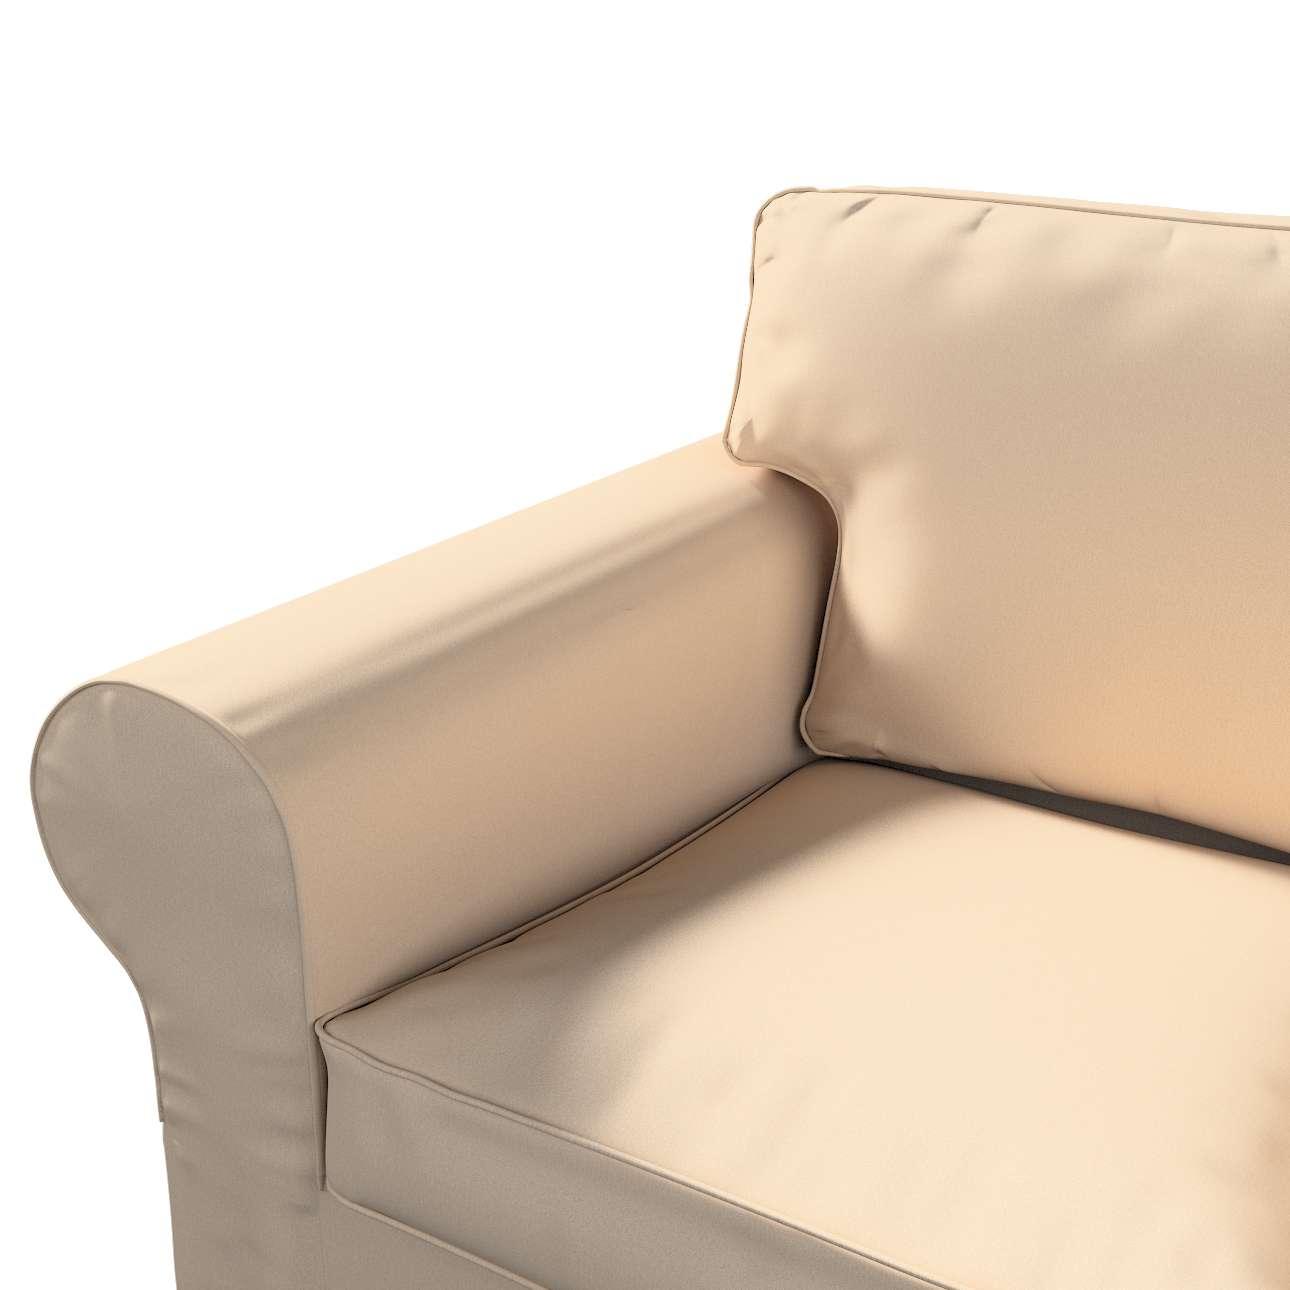 Pokrowiec na sofę Ektorp 2-osobową, rozkładaną, model do 2012 w kolekcji Living, tkanina: 160-61